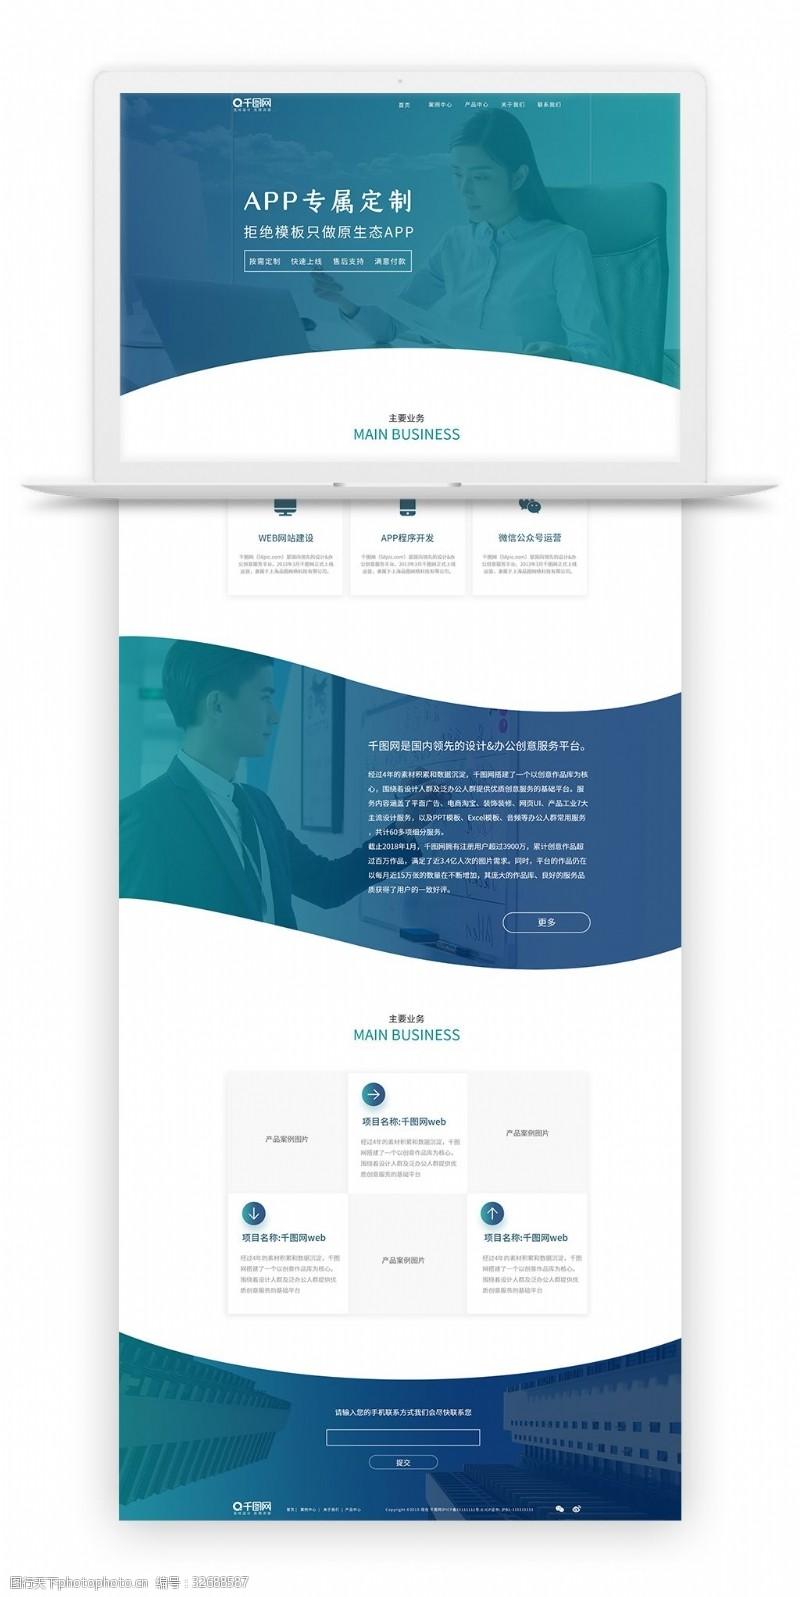 高端設計網頁通用網站界面